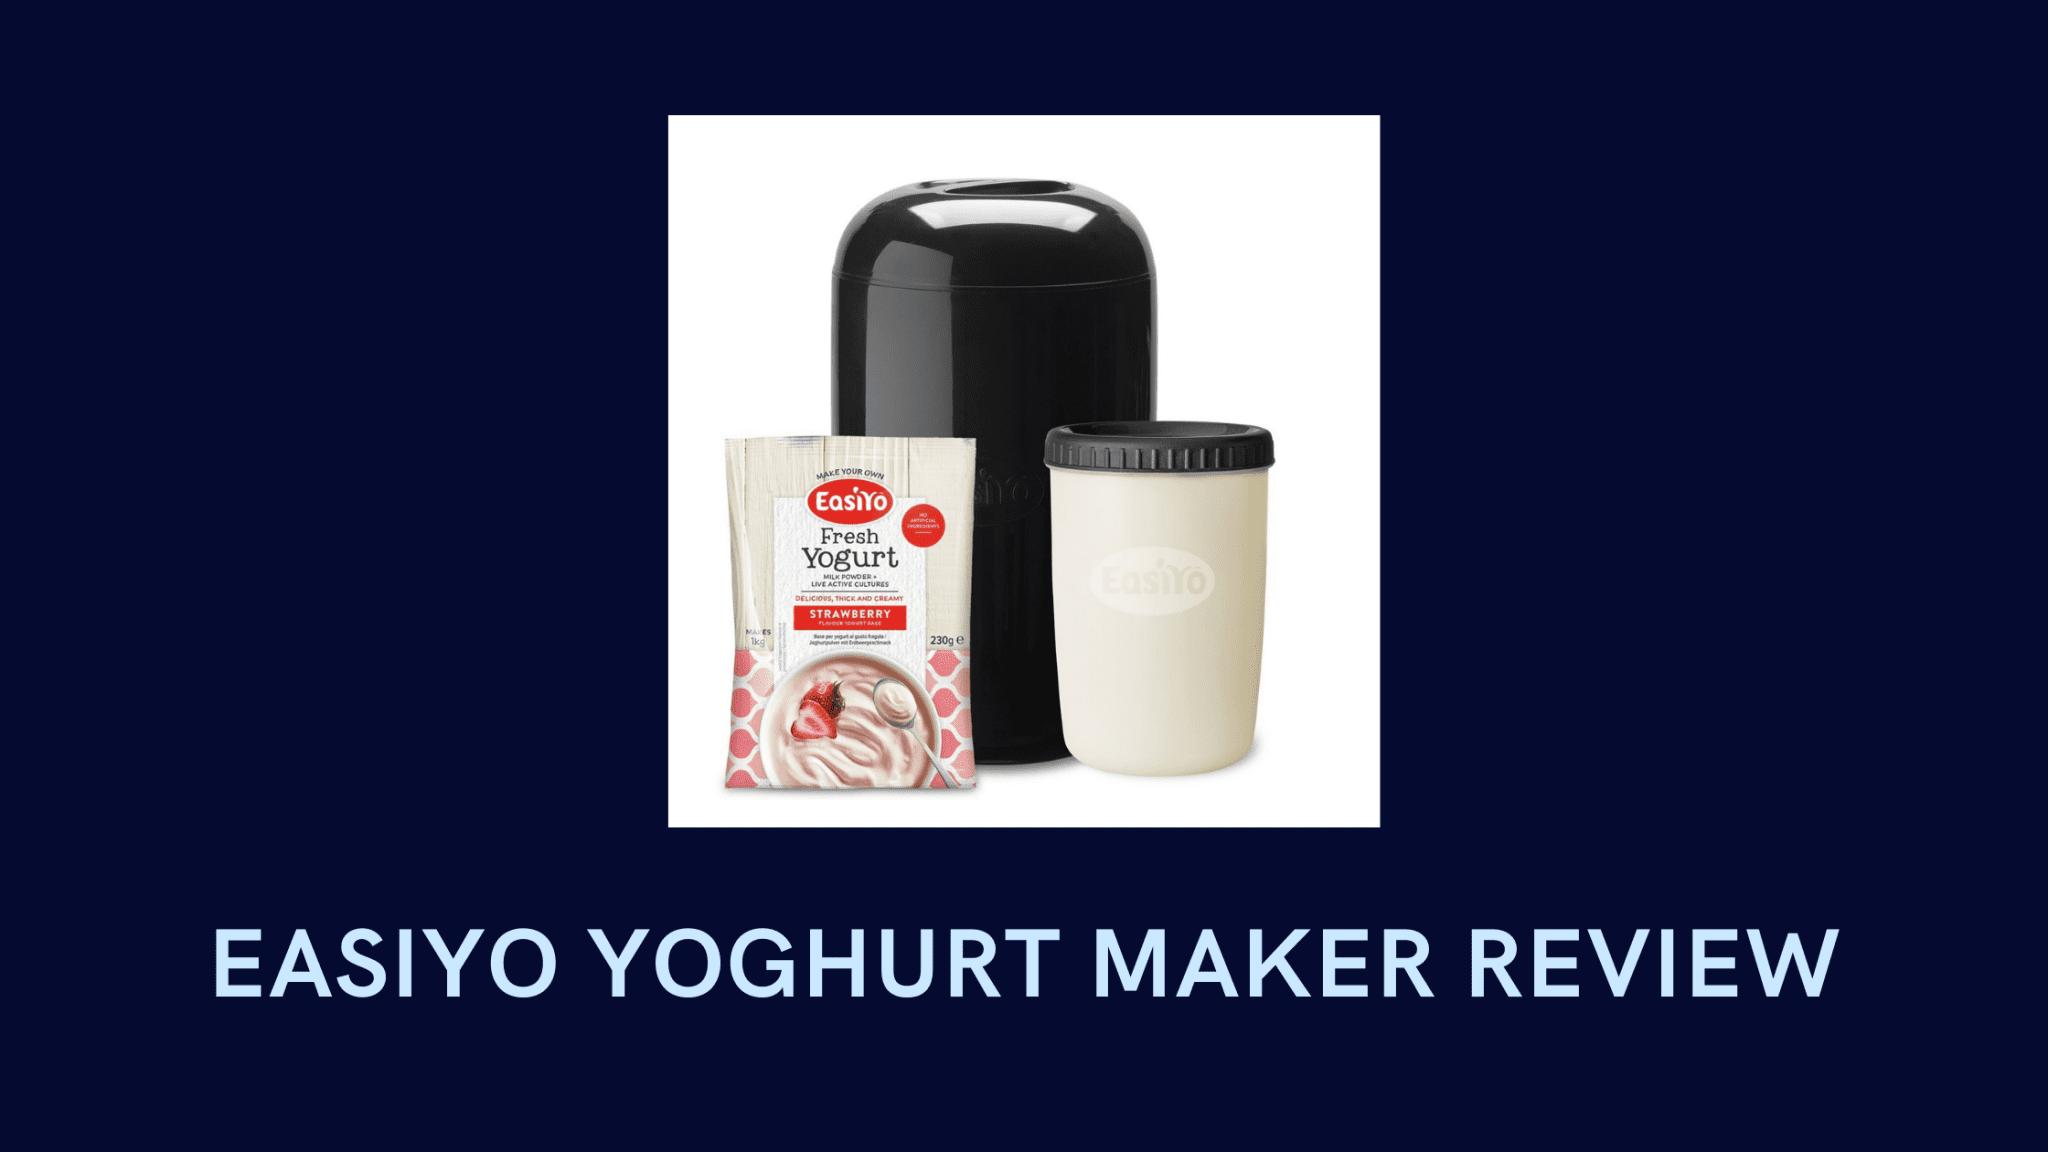 EasiYo Yoghurt Maker Review